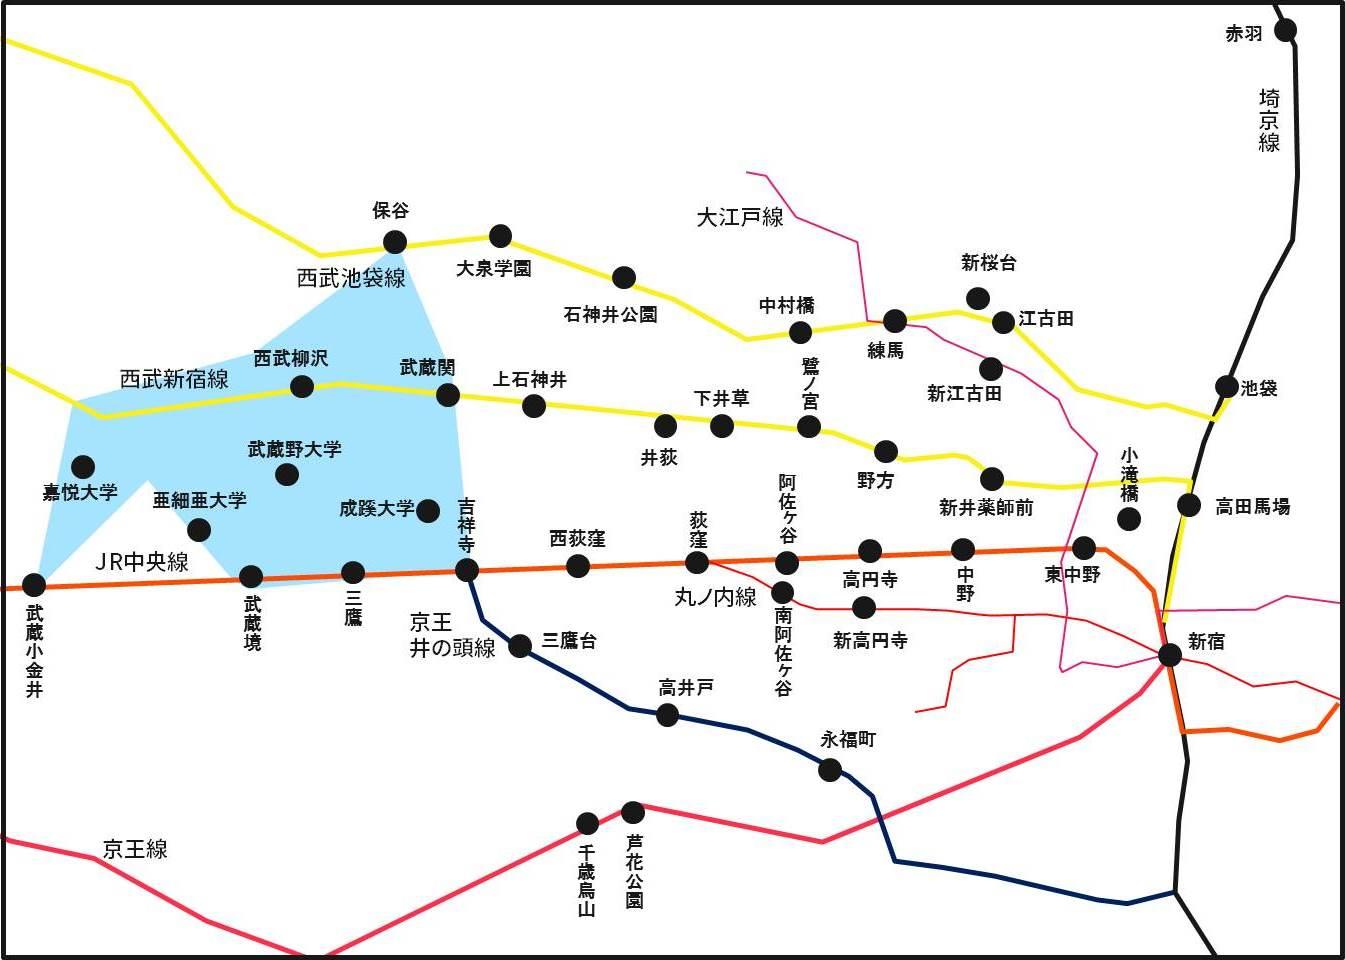 キョウエイアド 交通広告 関東バス 関東バス路線図